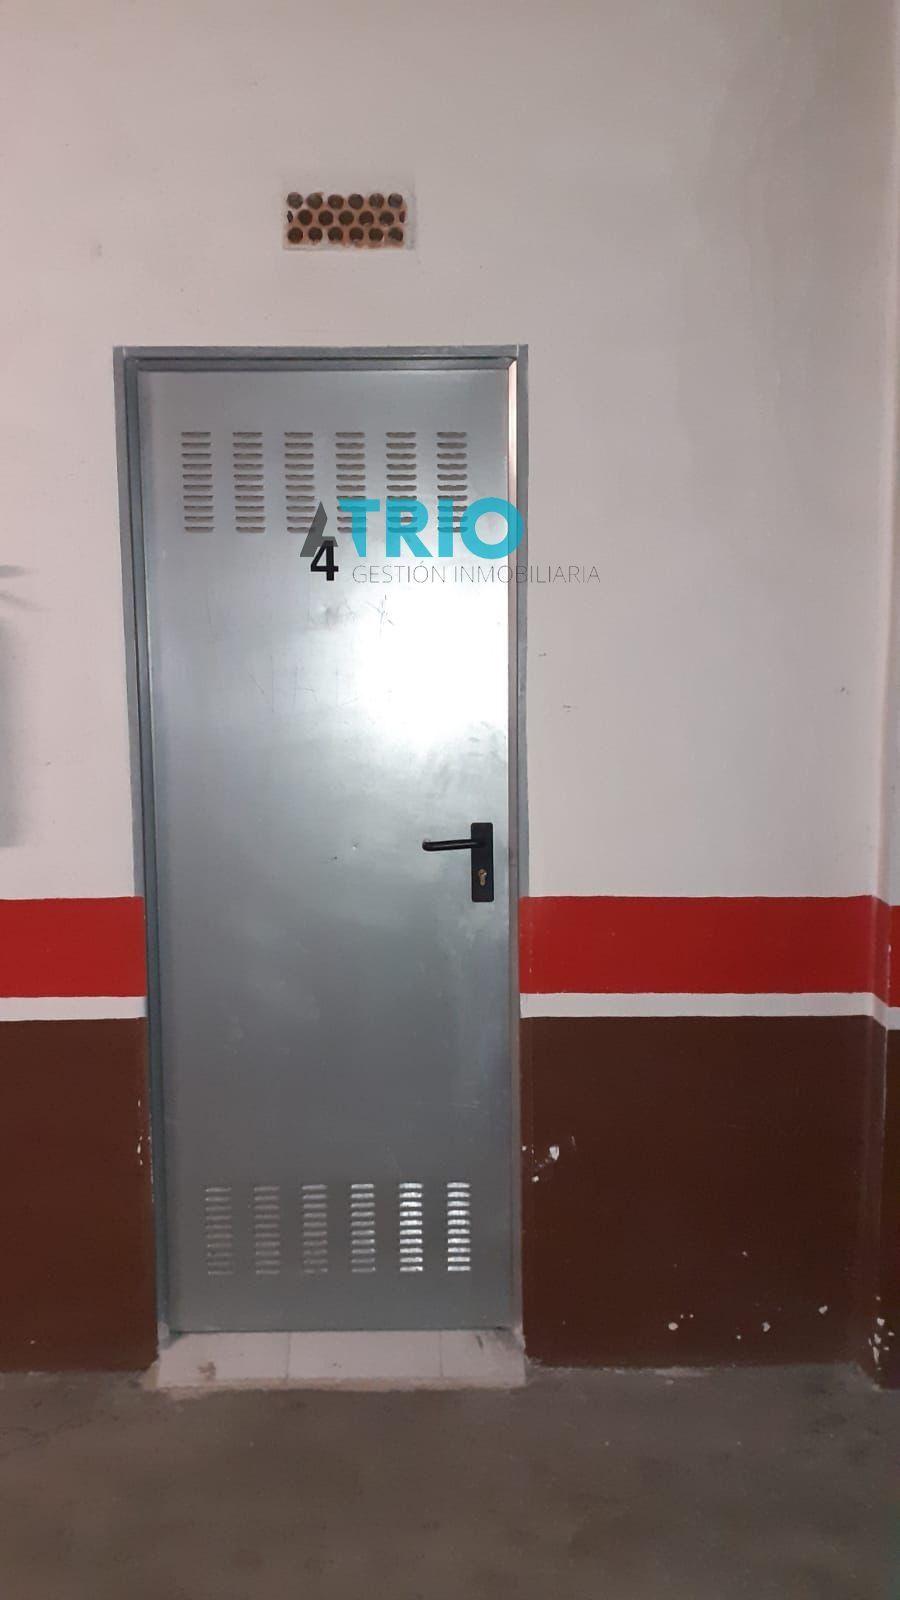 dia.mobiliagestion.es/Portals/inmoatrio/Images/7428/6445403